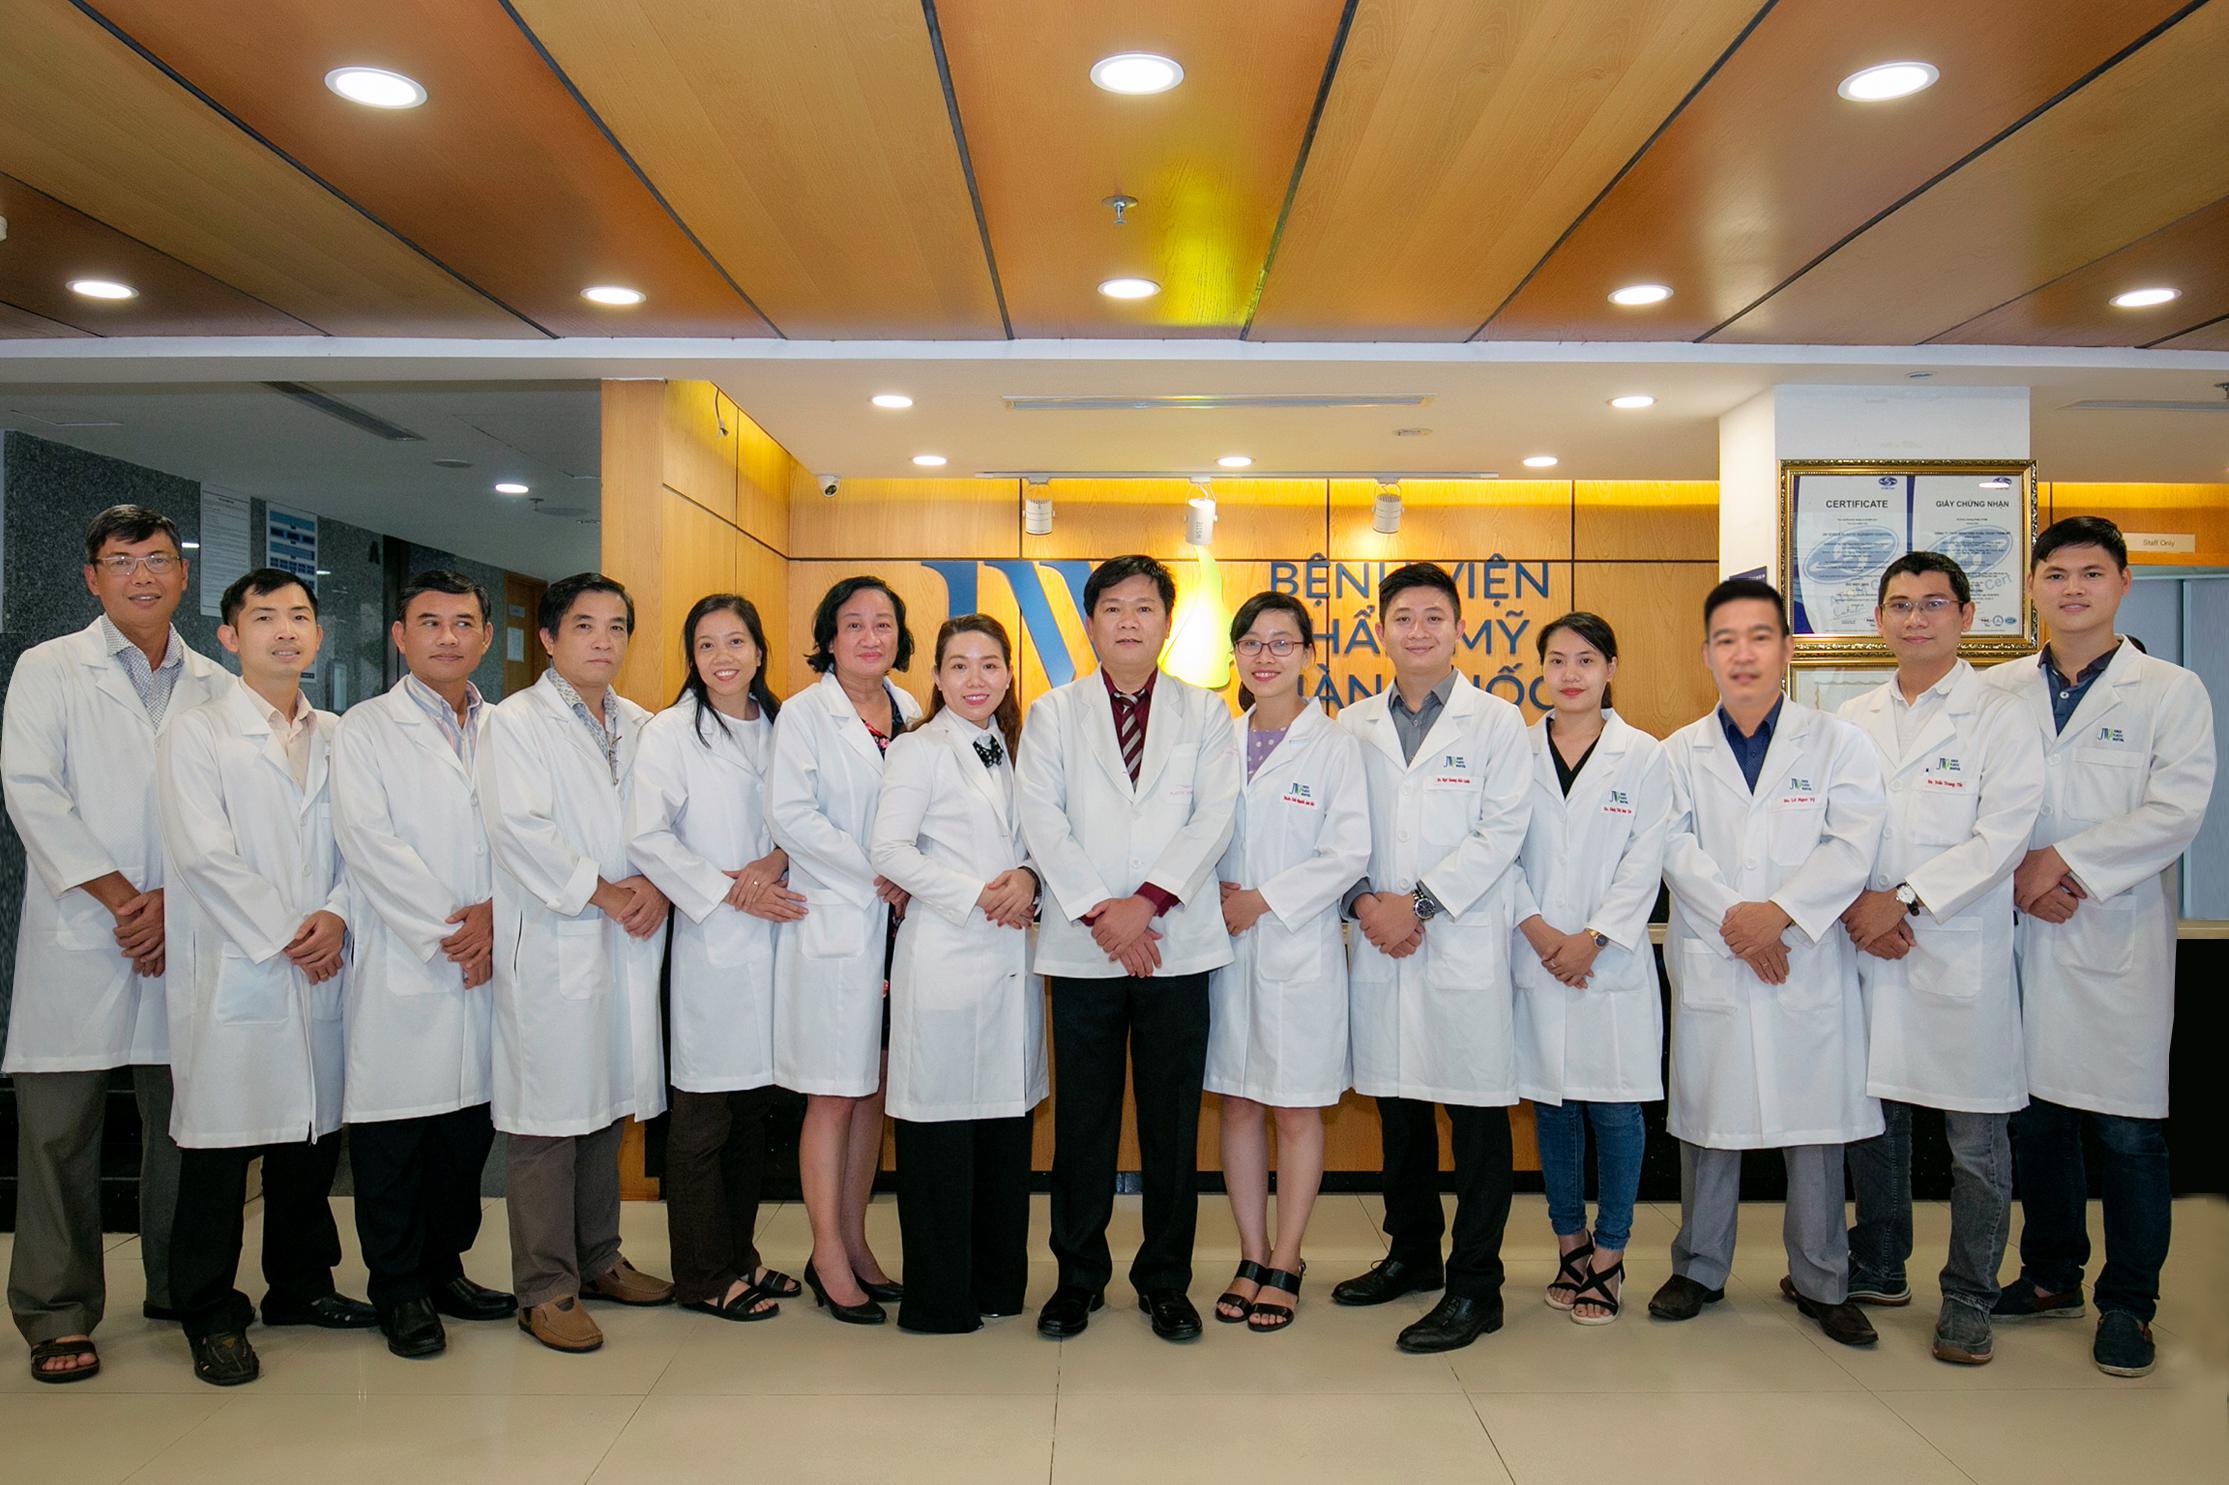 Đội ngũ bác sĩ chuyên sâu trình độ cao